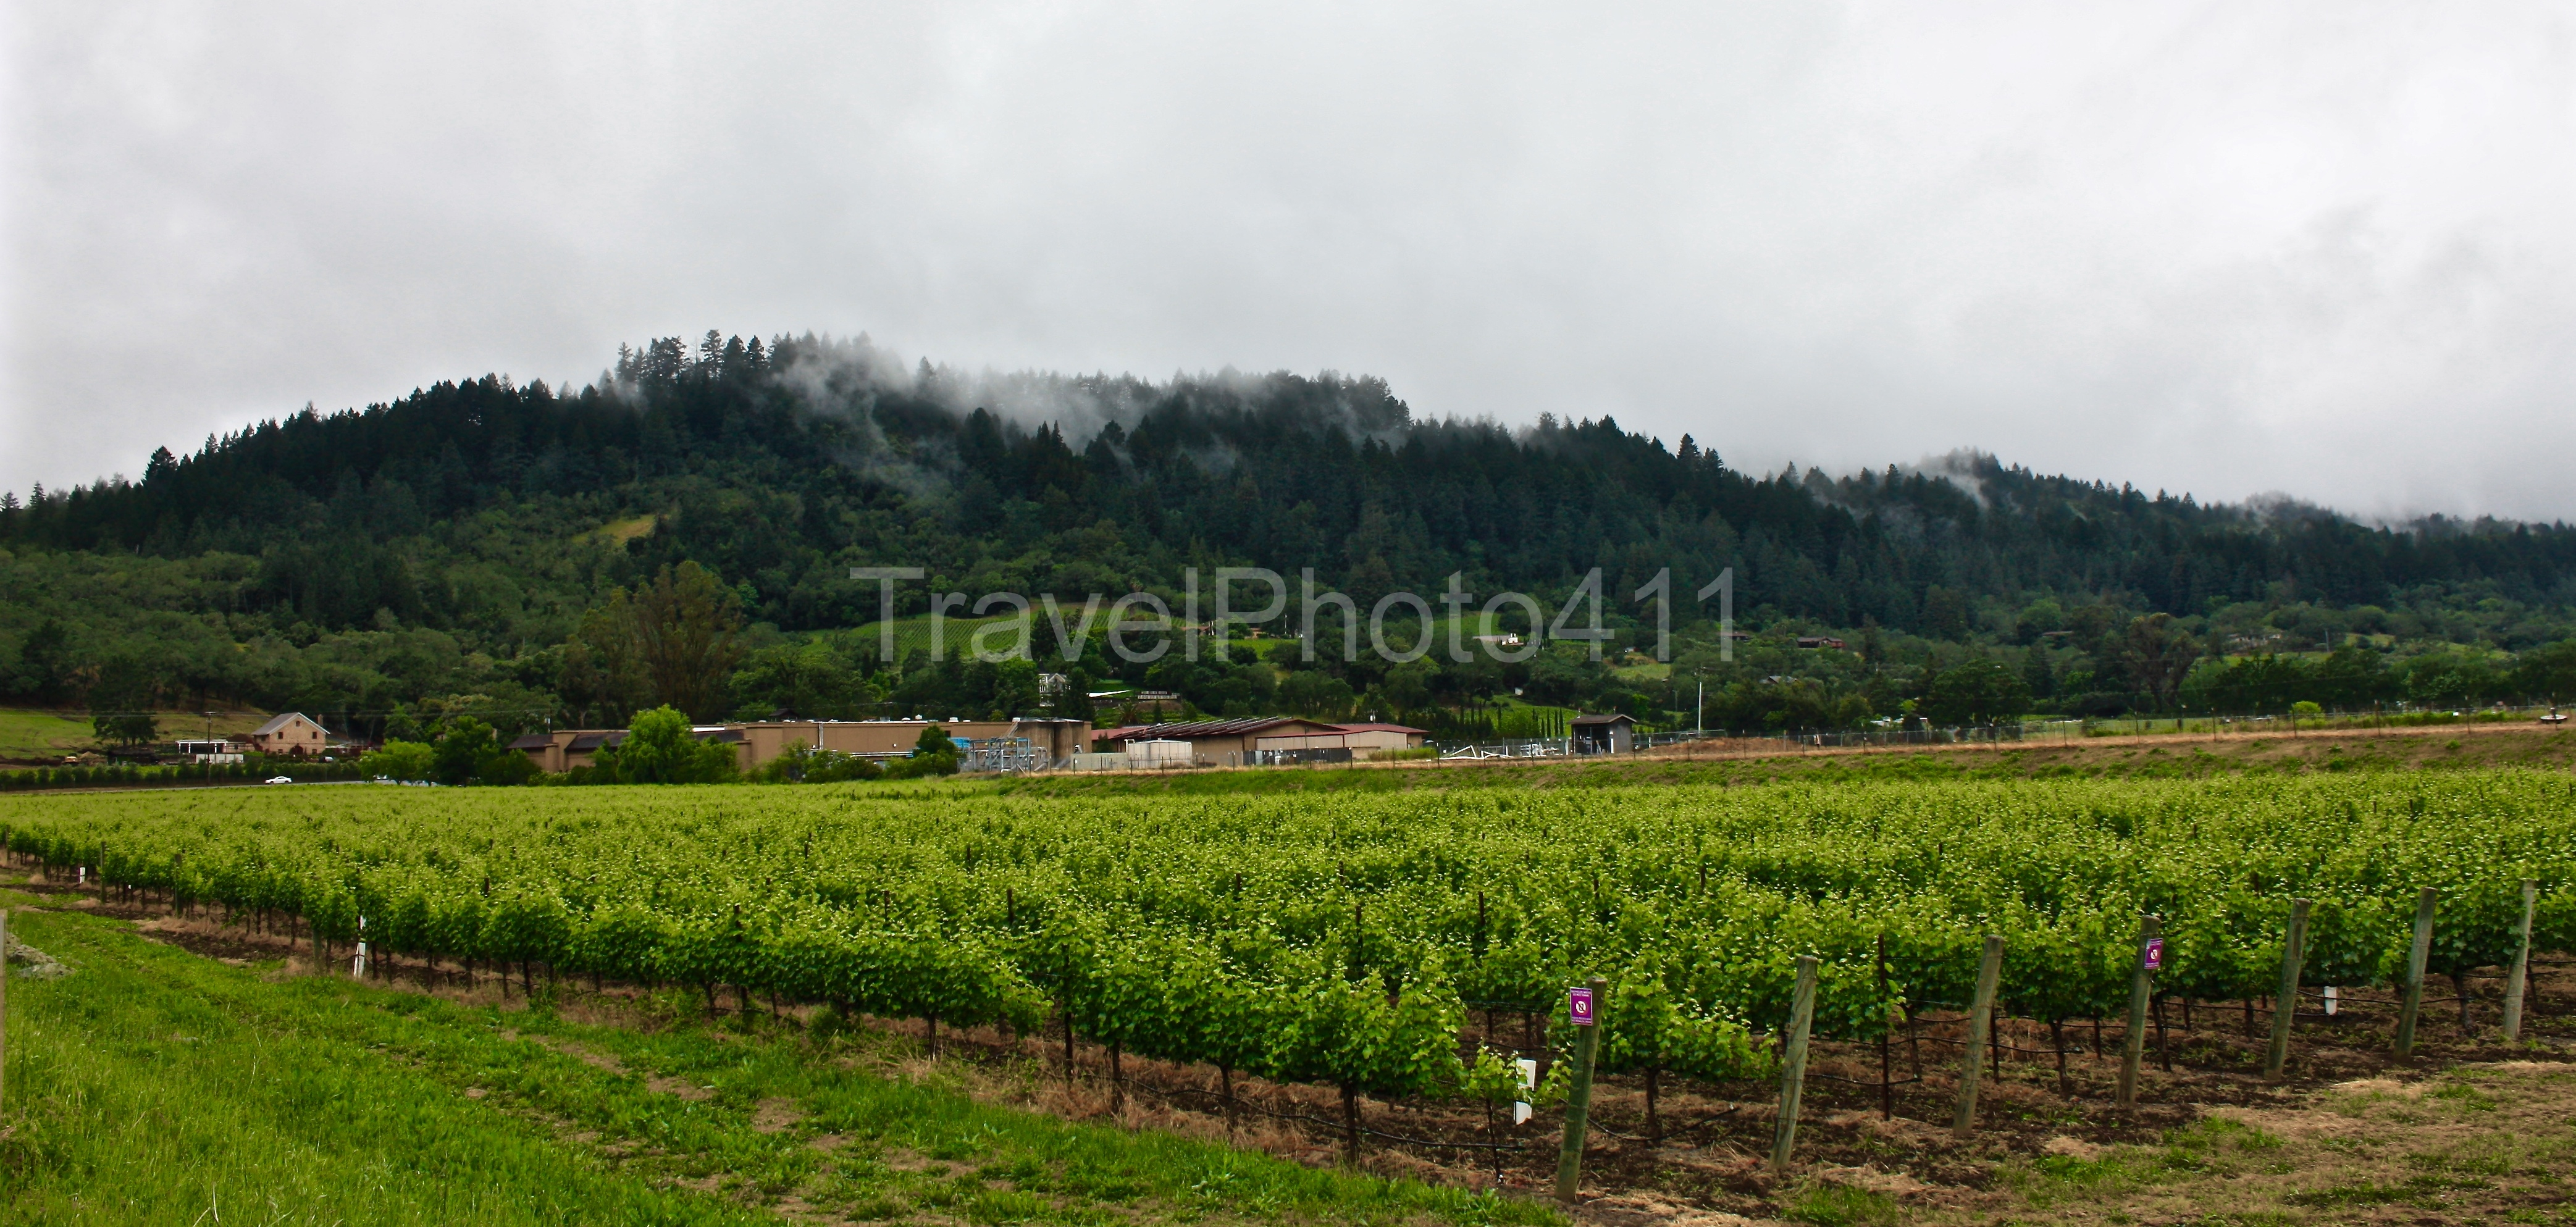 Napa Winery